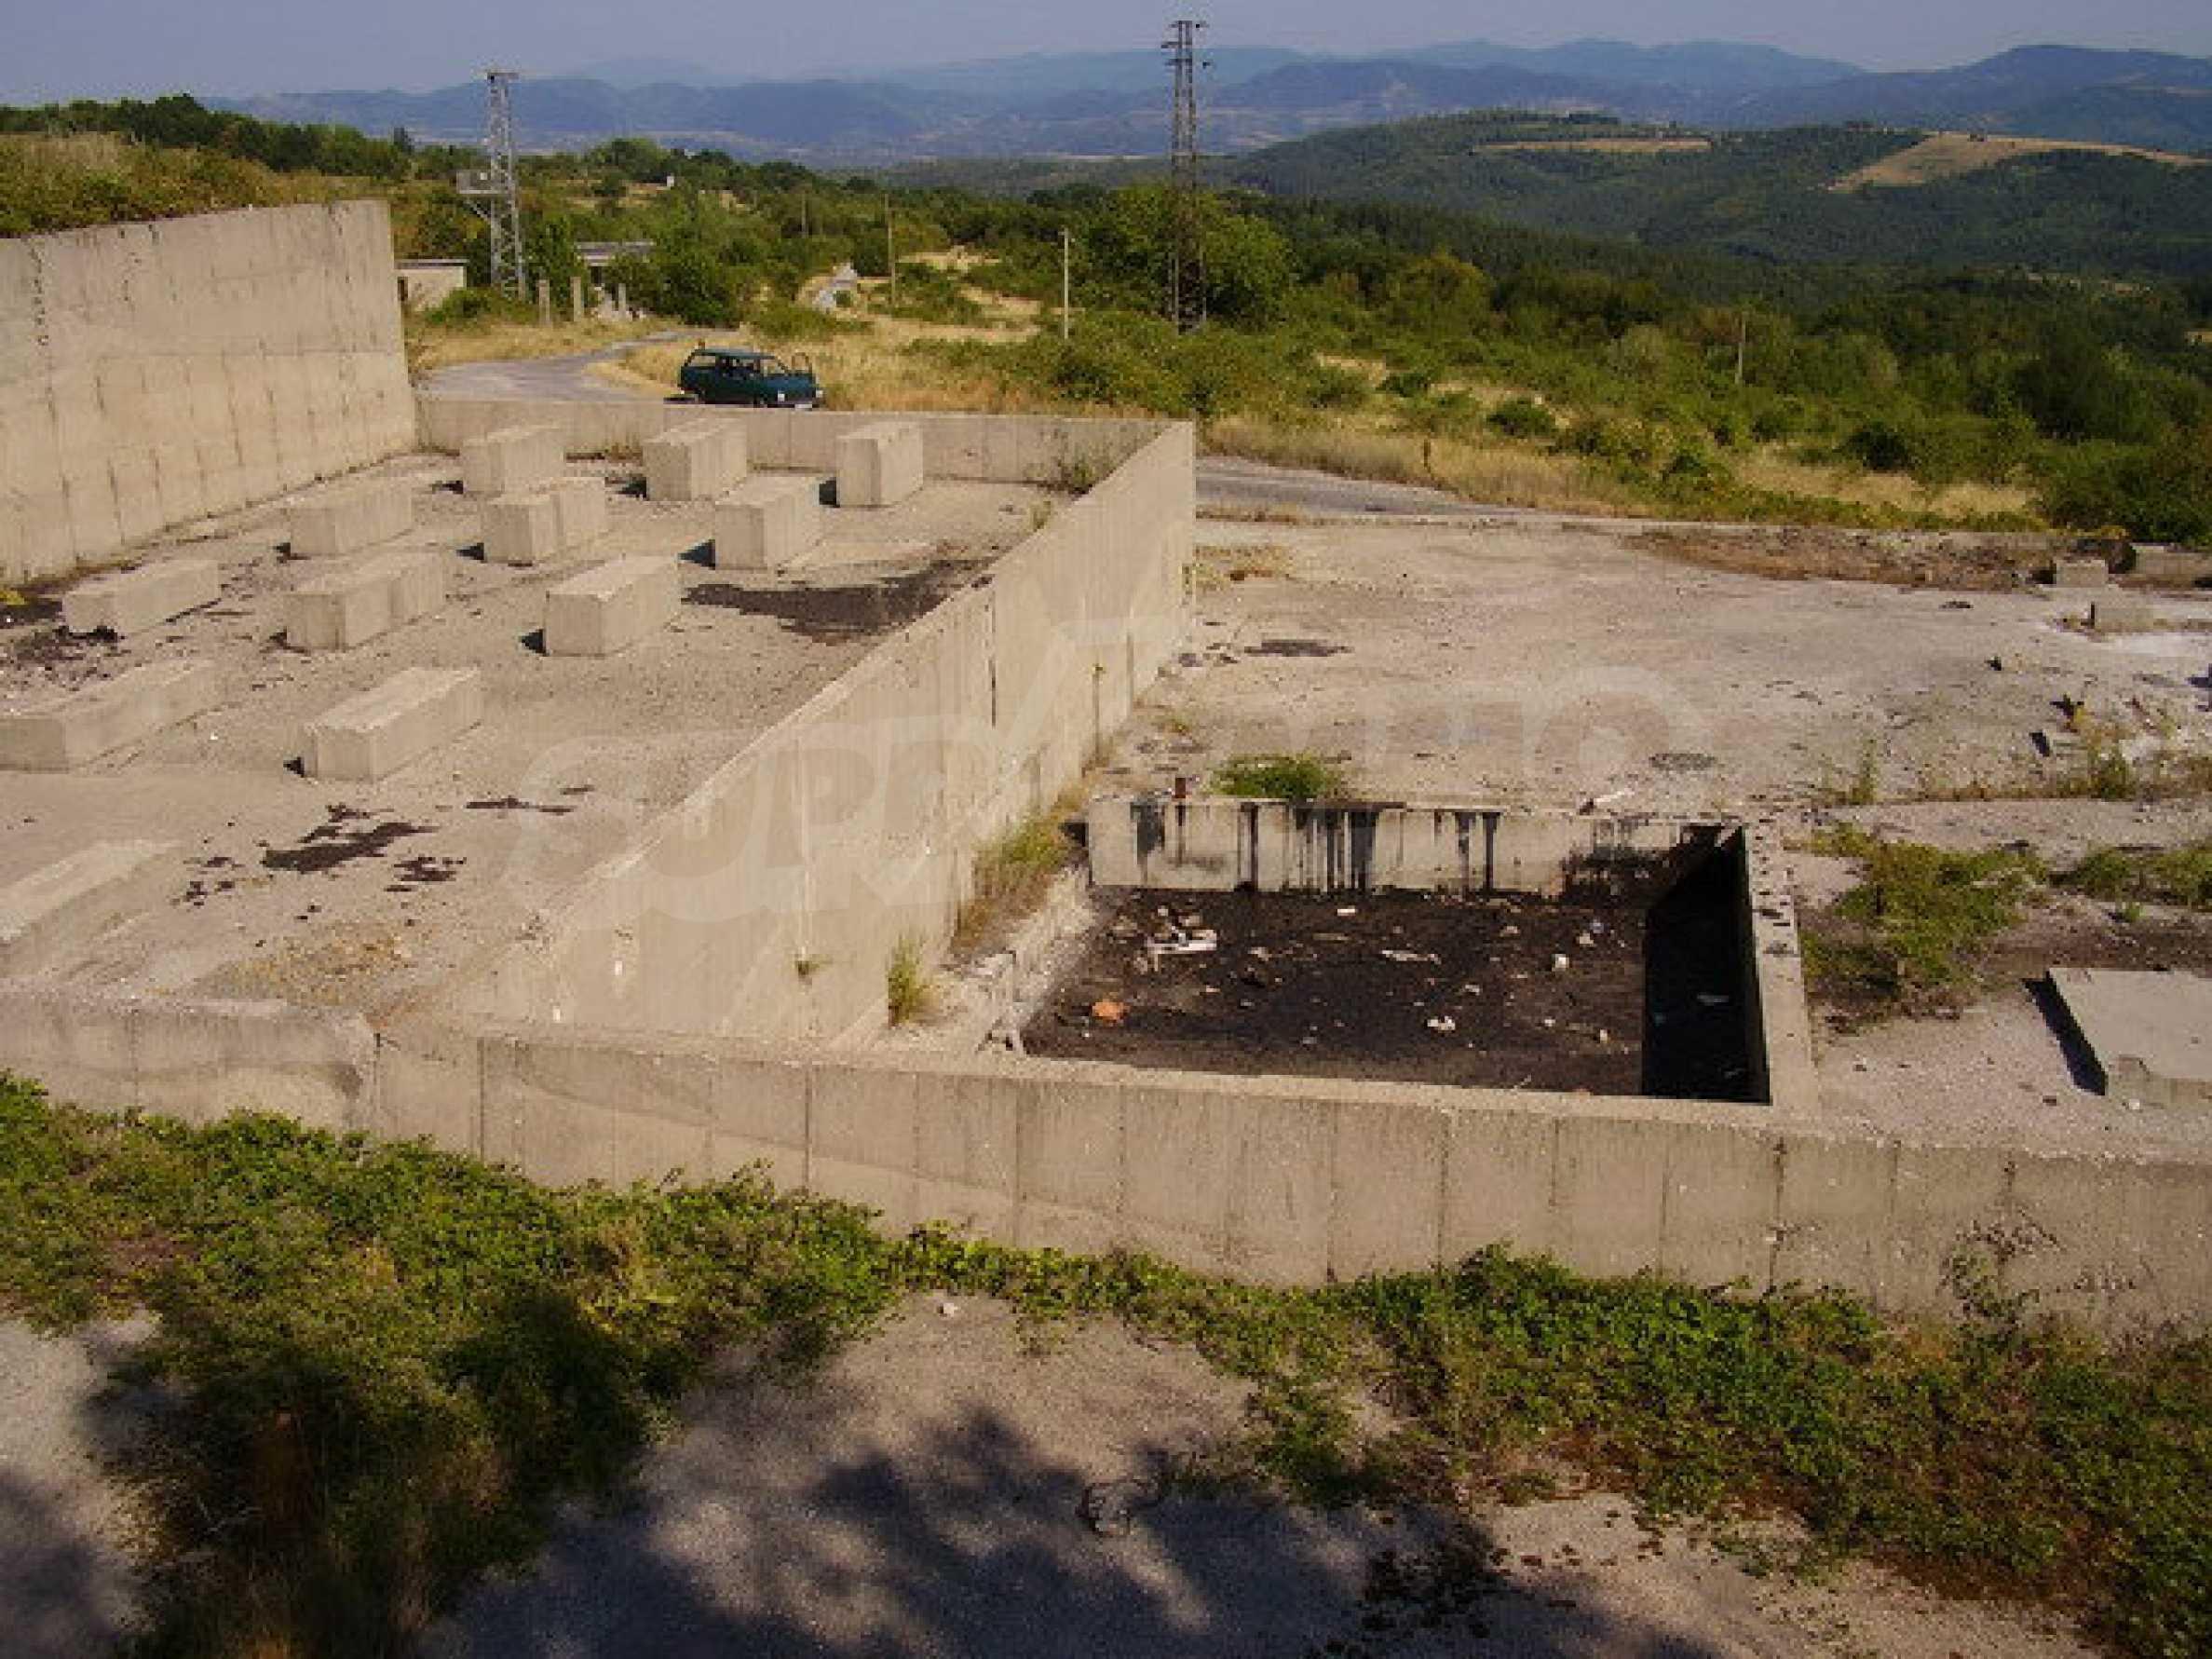 Земельный участок с прекрасным видом, пригодный для дачного поселка, вблизи города Трявна 2